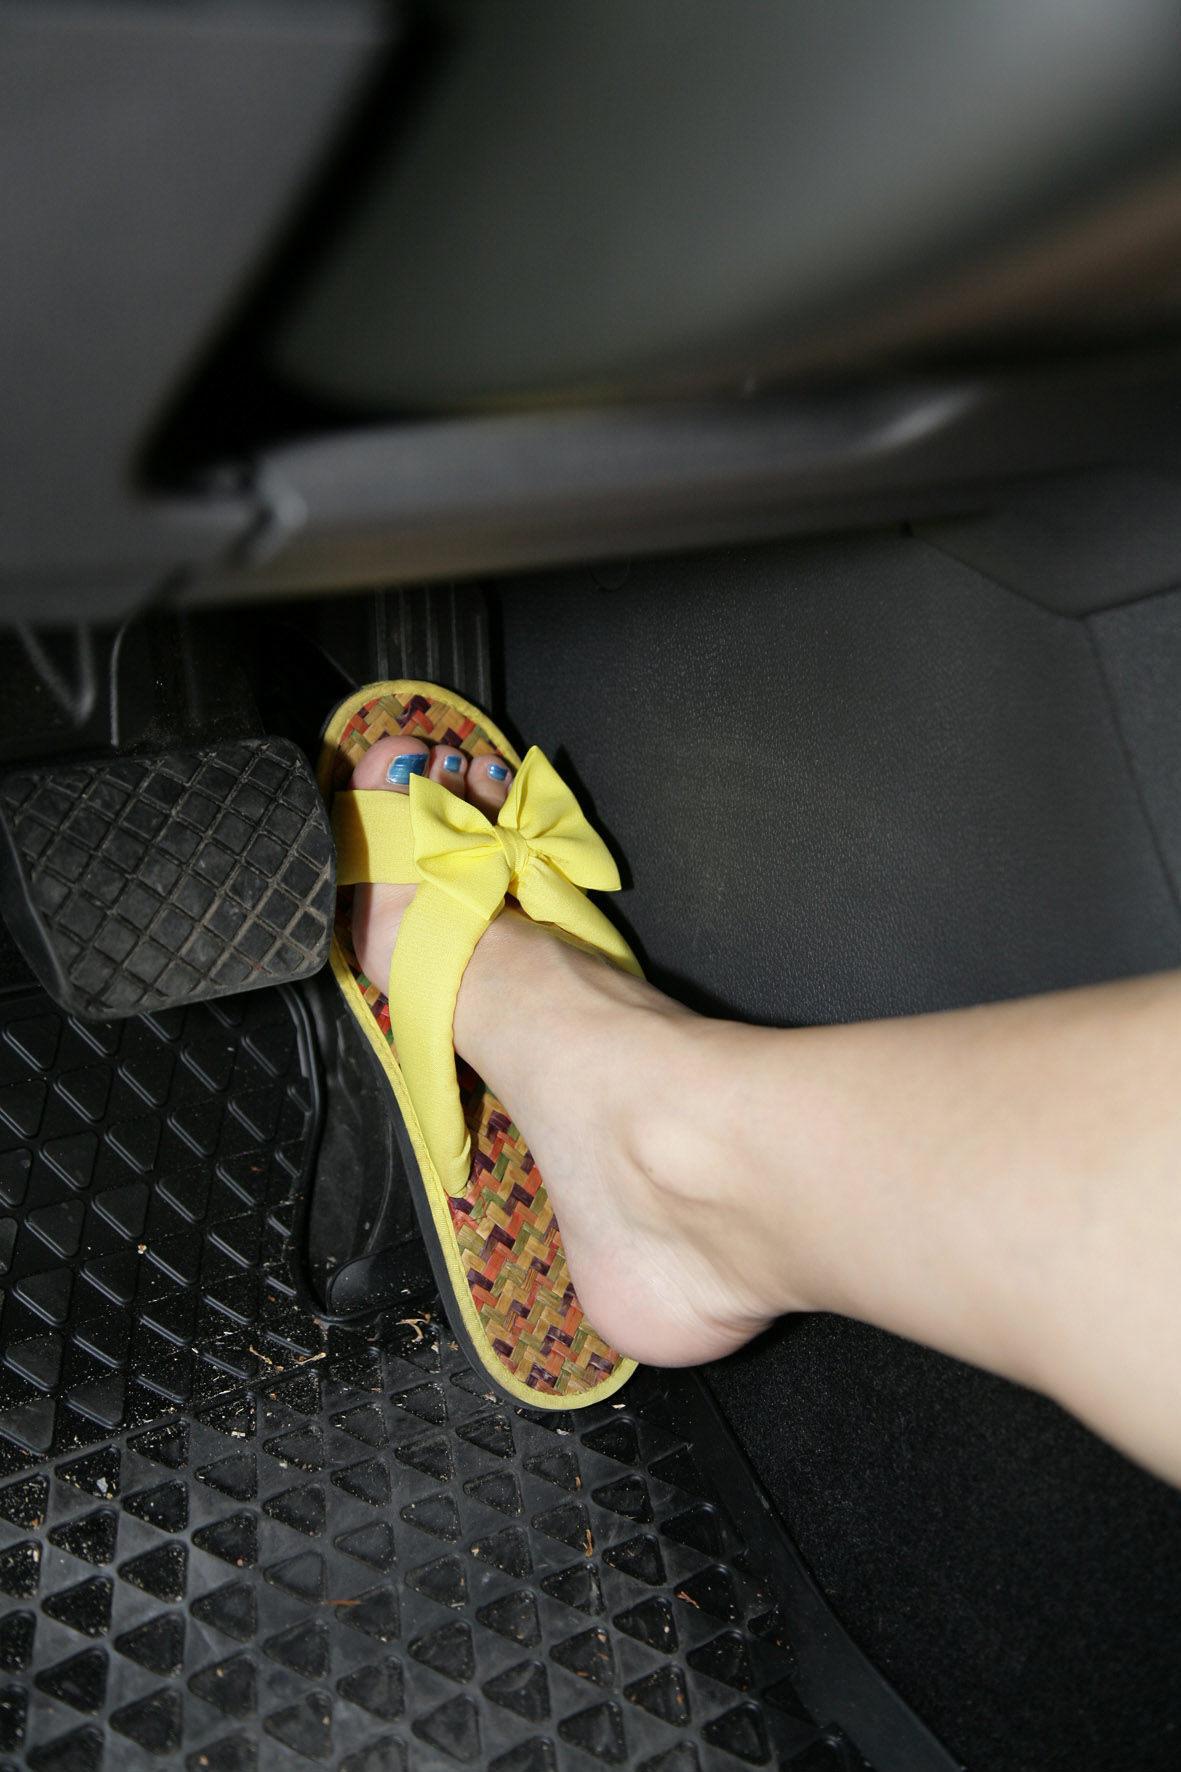 mid Düsseldorf - Nicht verboten, aber auch nicht empfehlenswert: Autofahren mit Flip-Flops oder Sandalen.